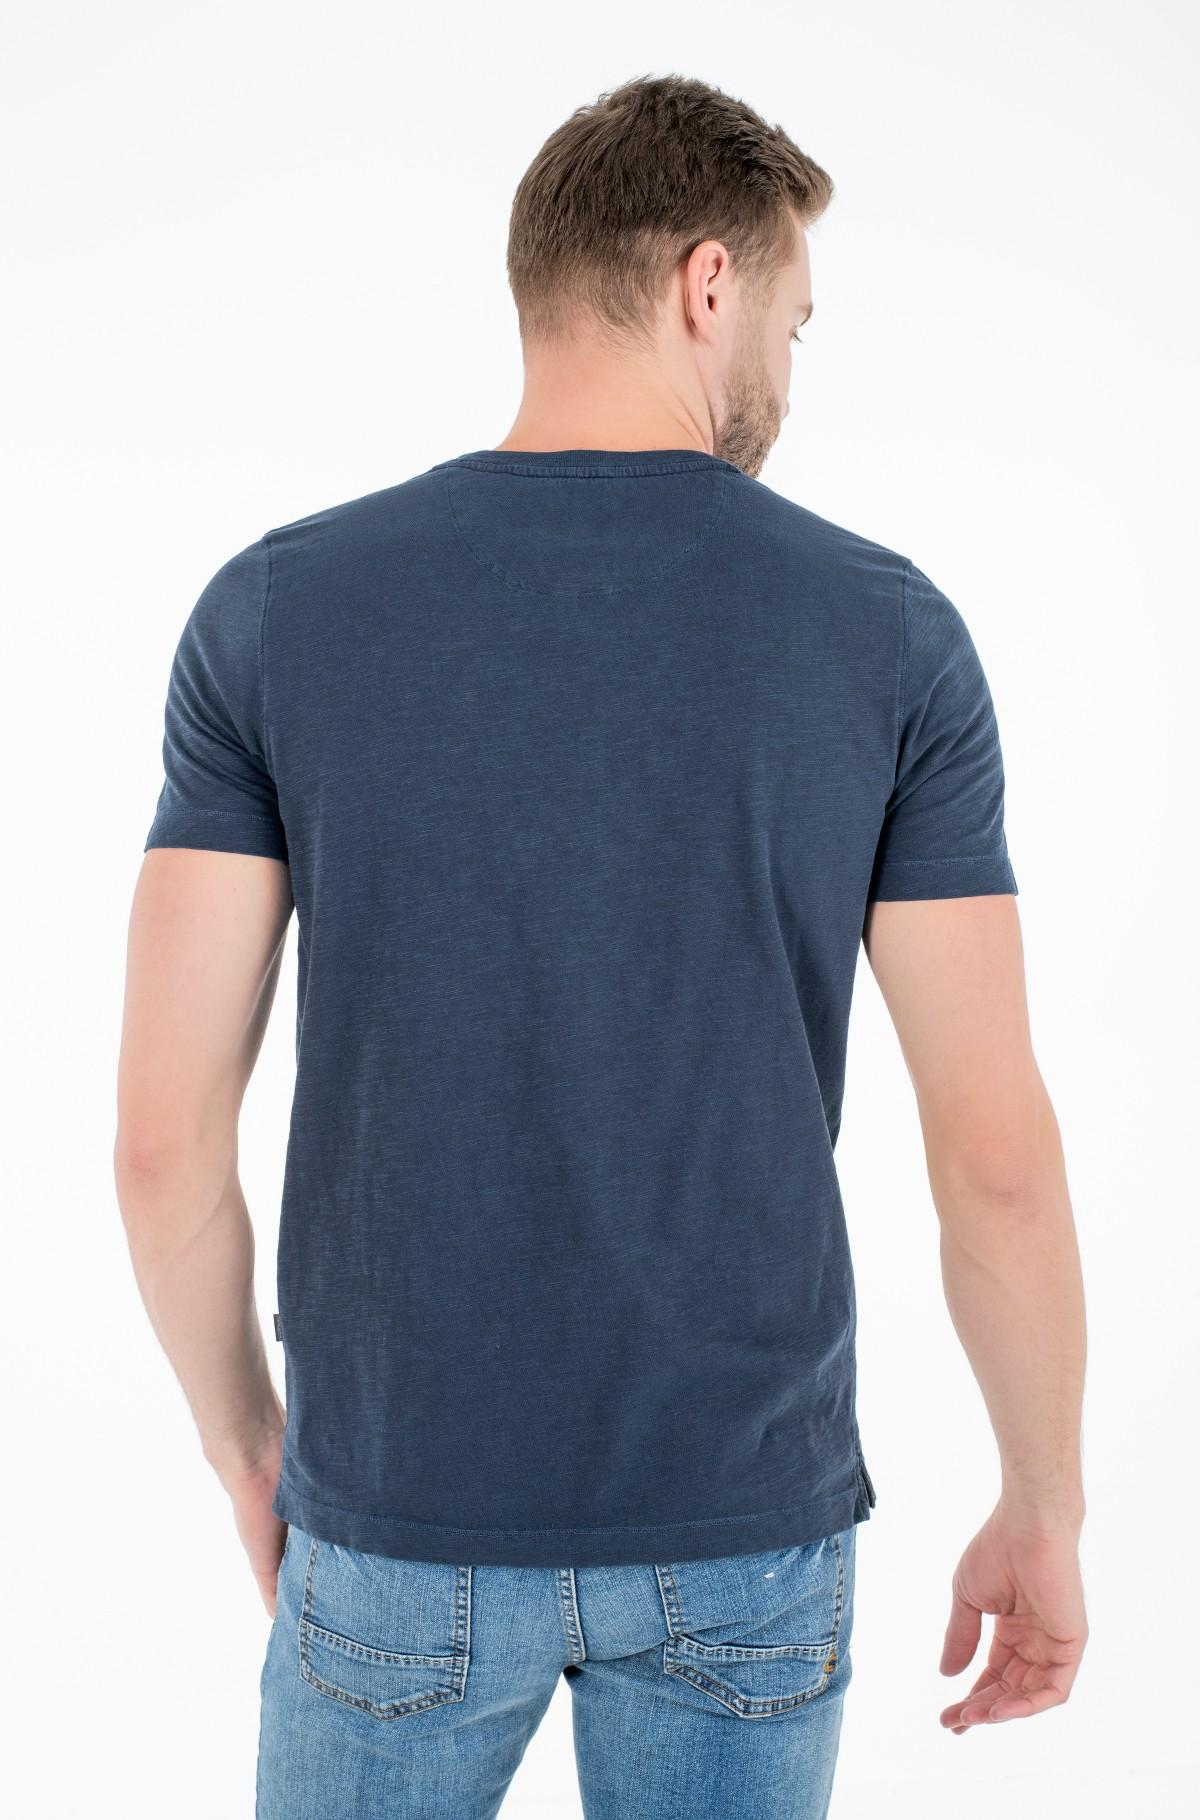 T-shirt 409474/9T04-full-2